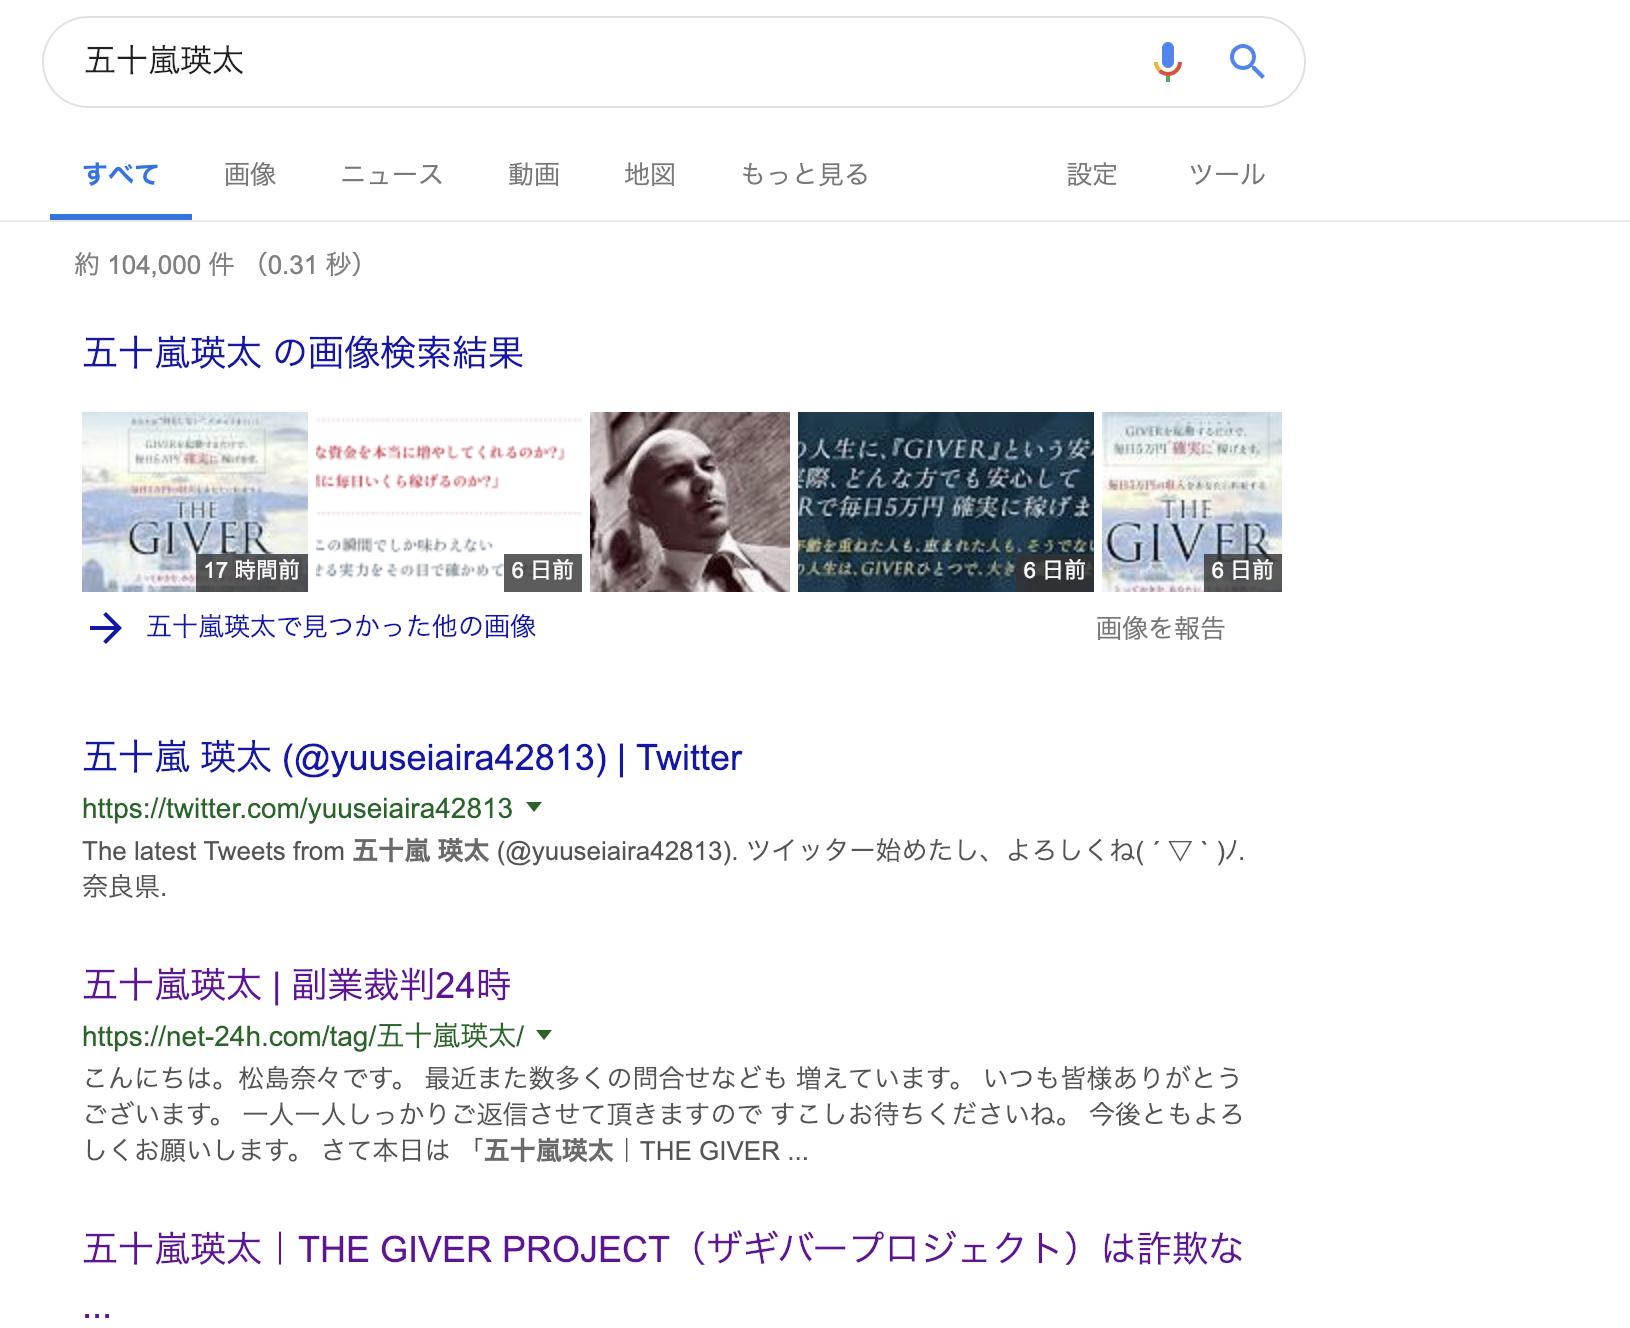 五十嵐瑛太のTHE GIVER PROJECT(ギバープロジェクト)検索